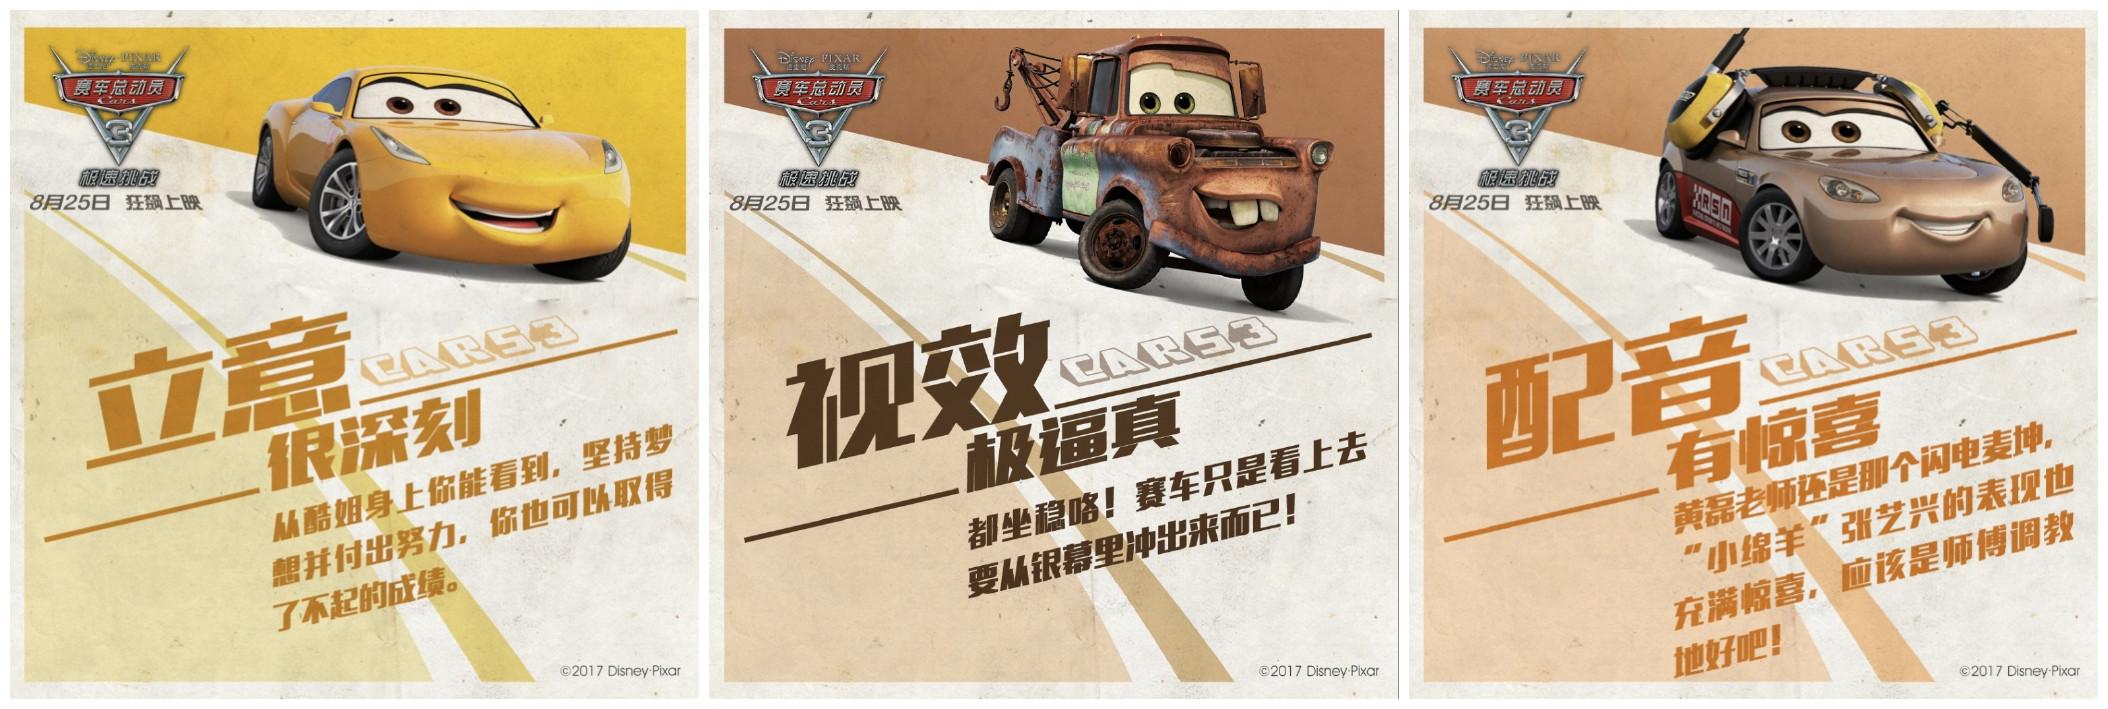 《赛车总动员3》解密海报公开